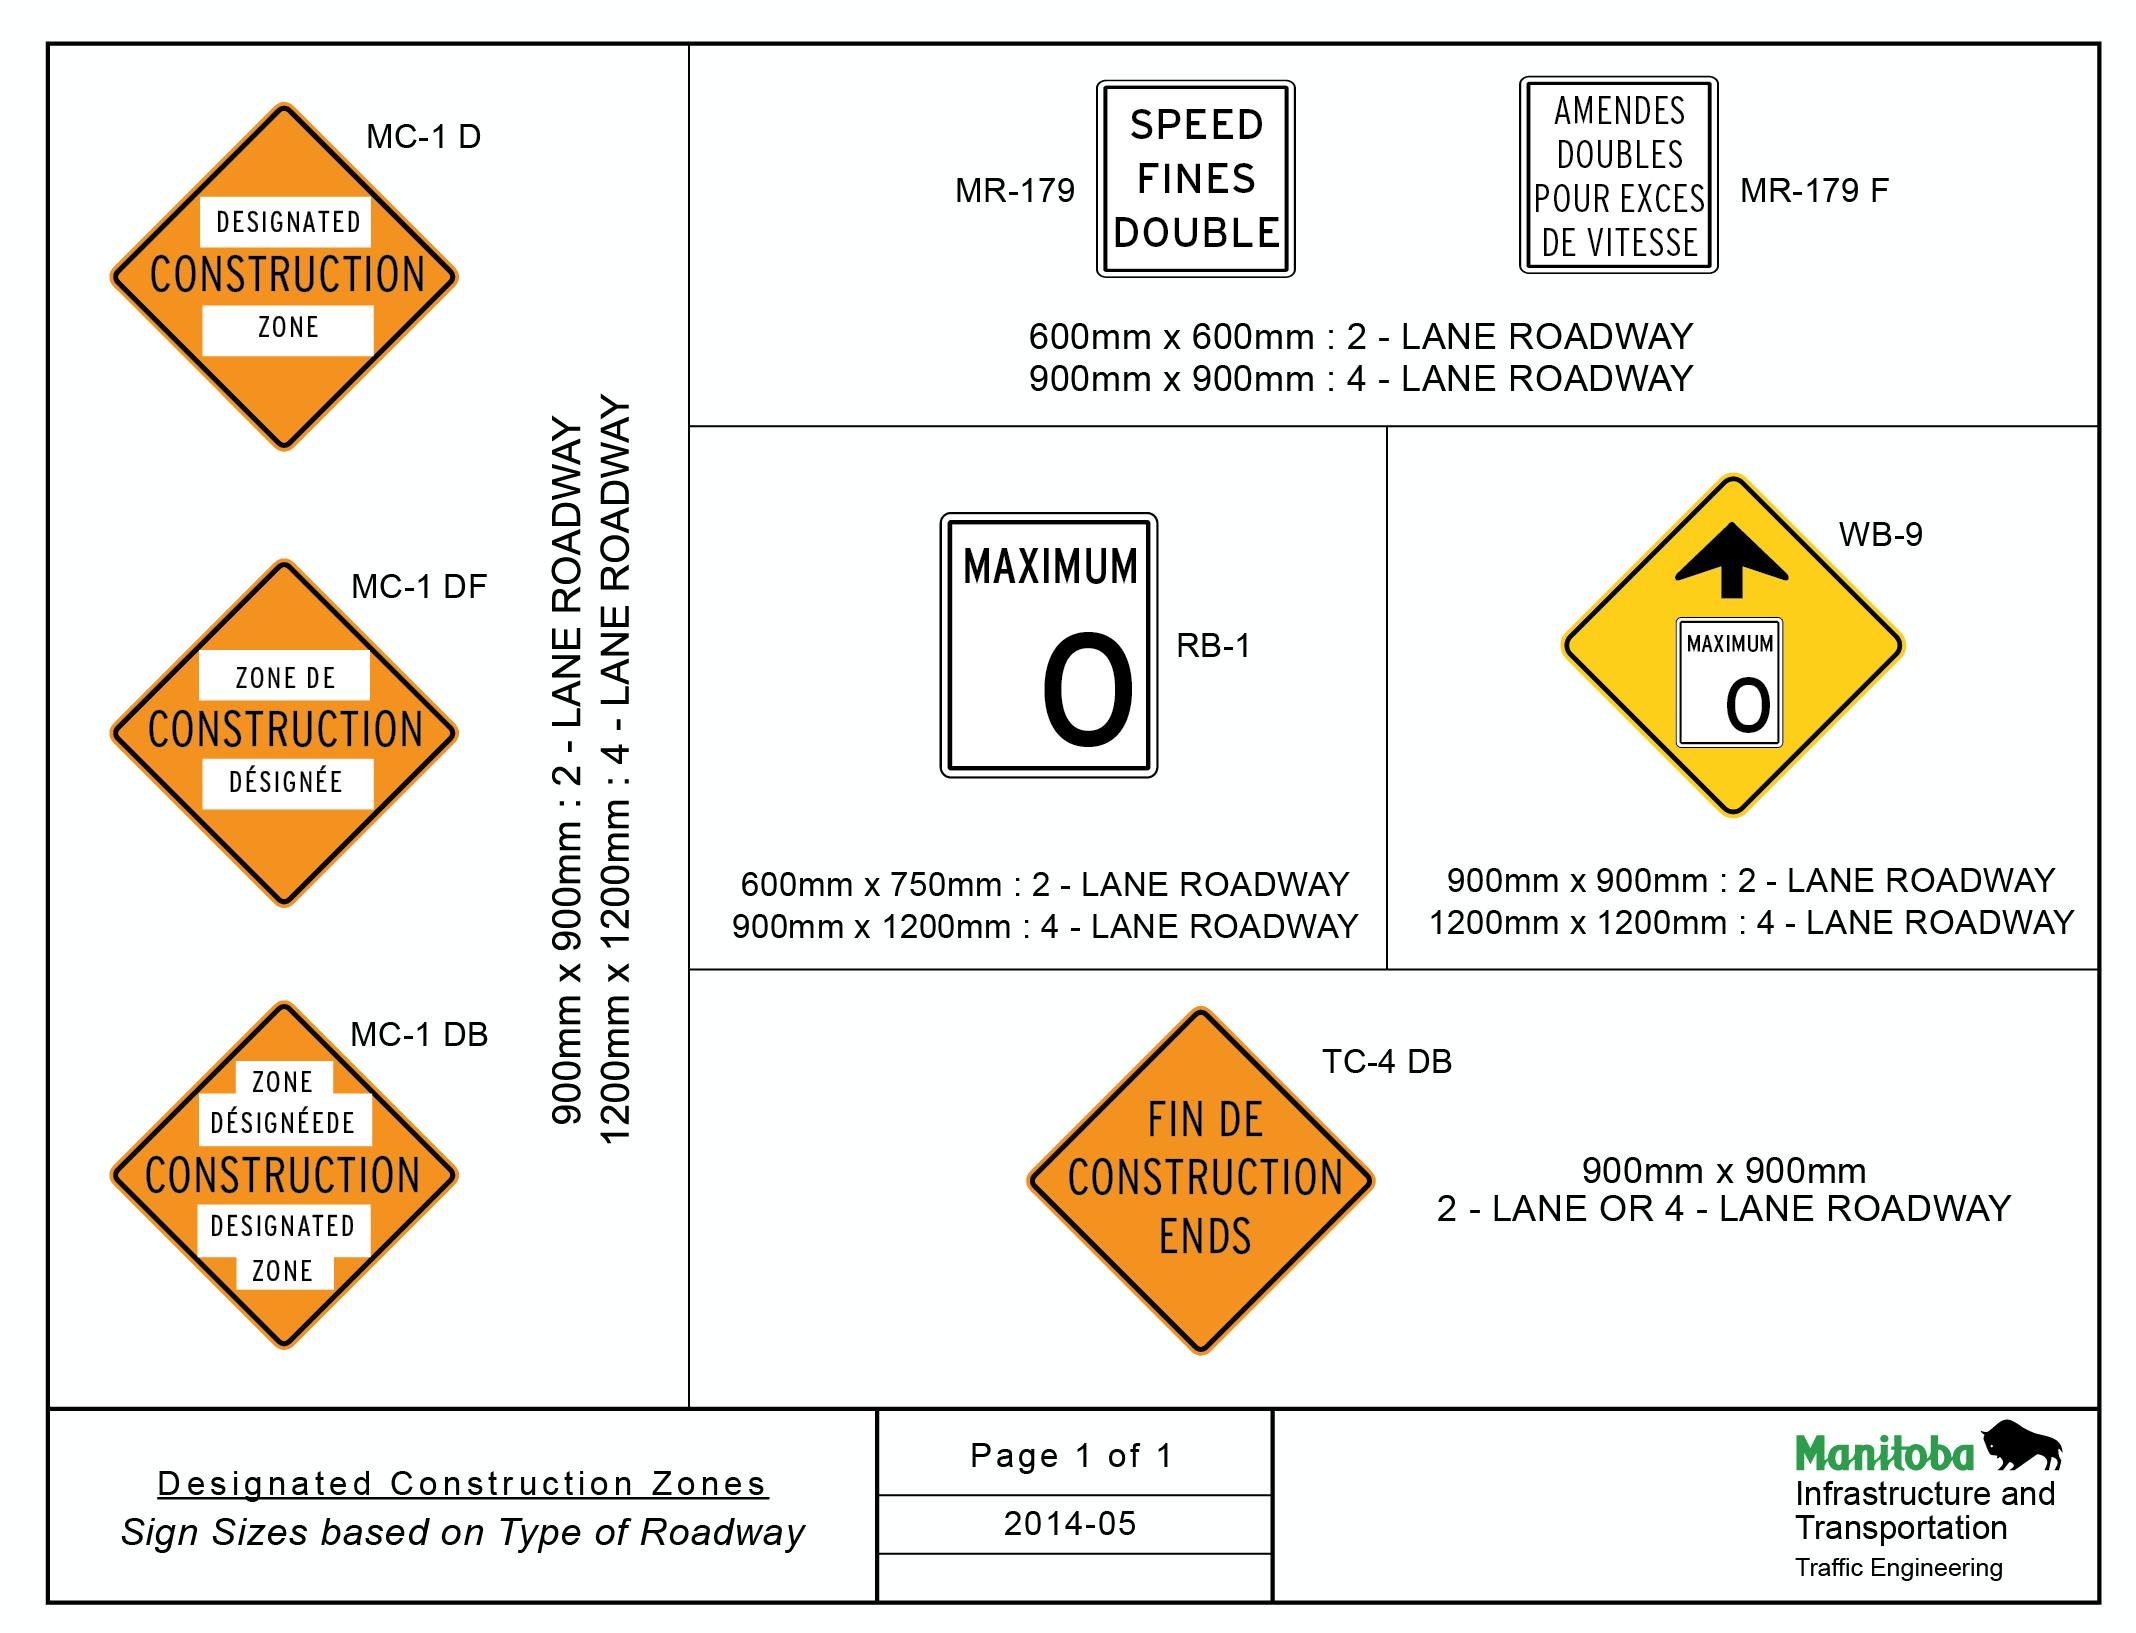 Work Zone Signage